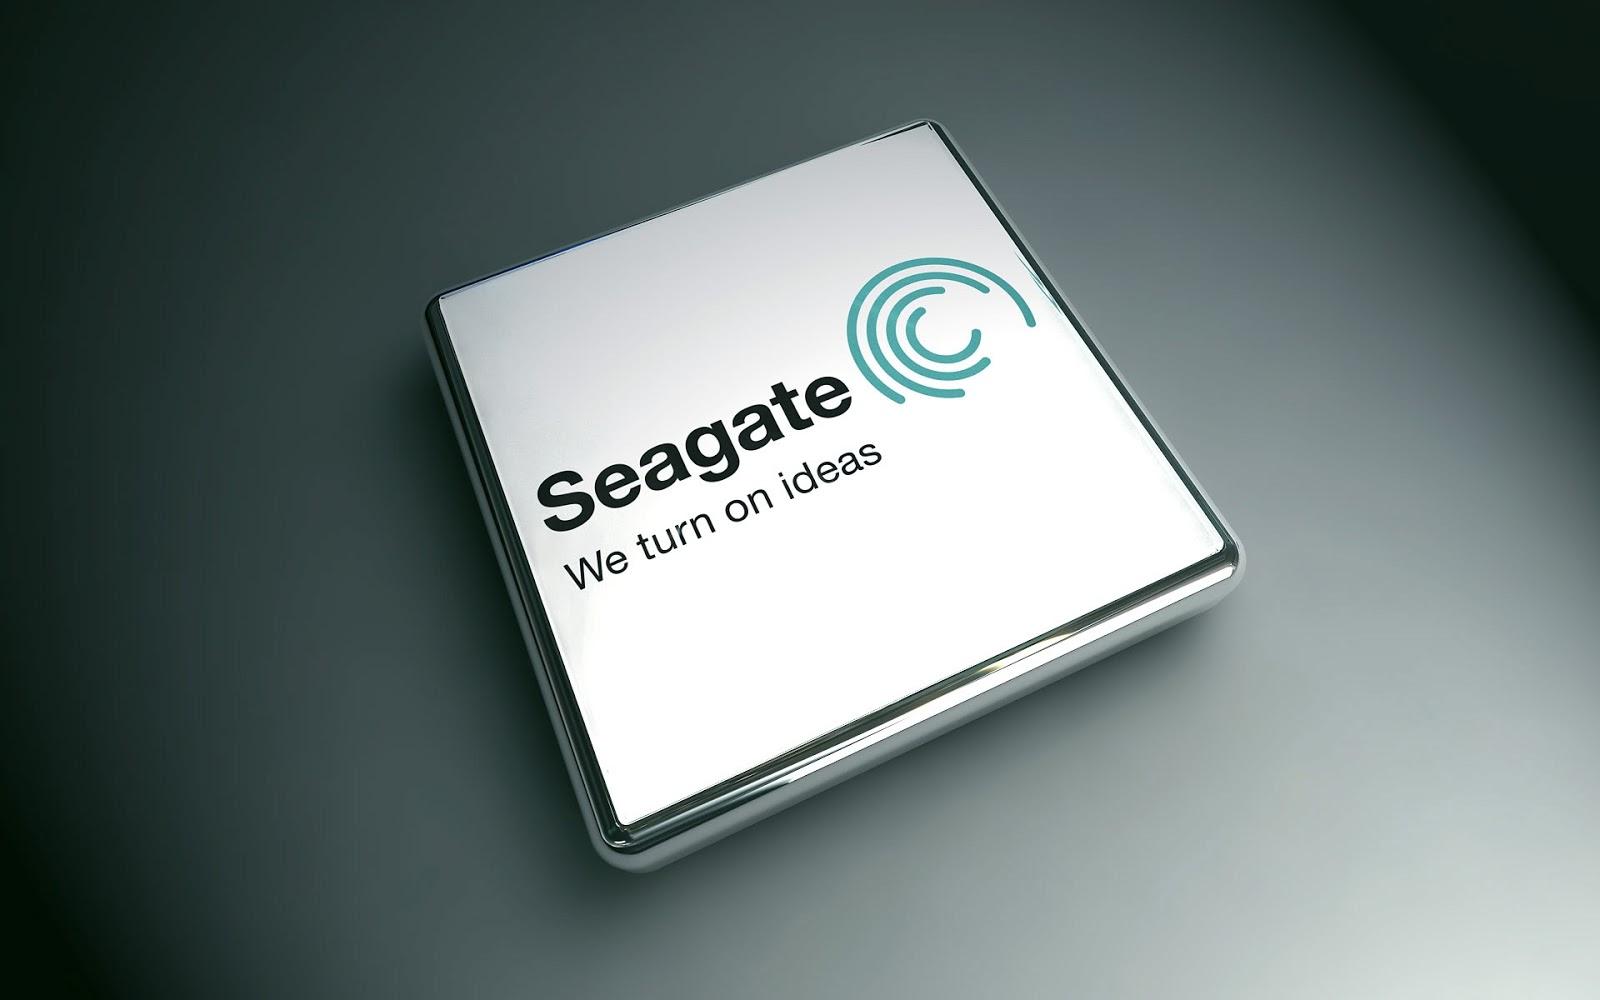 Seagate Chip